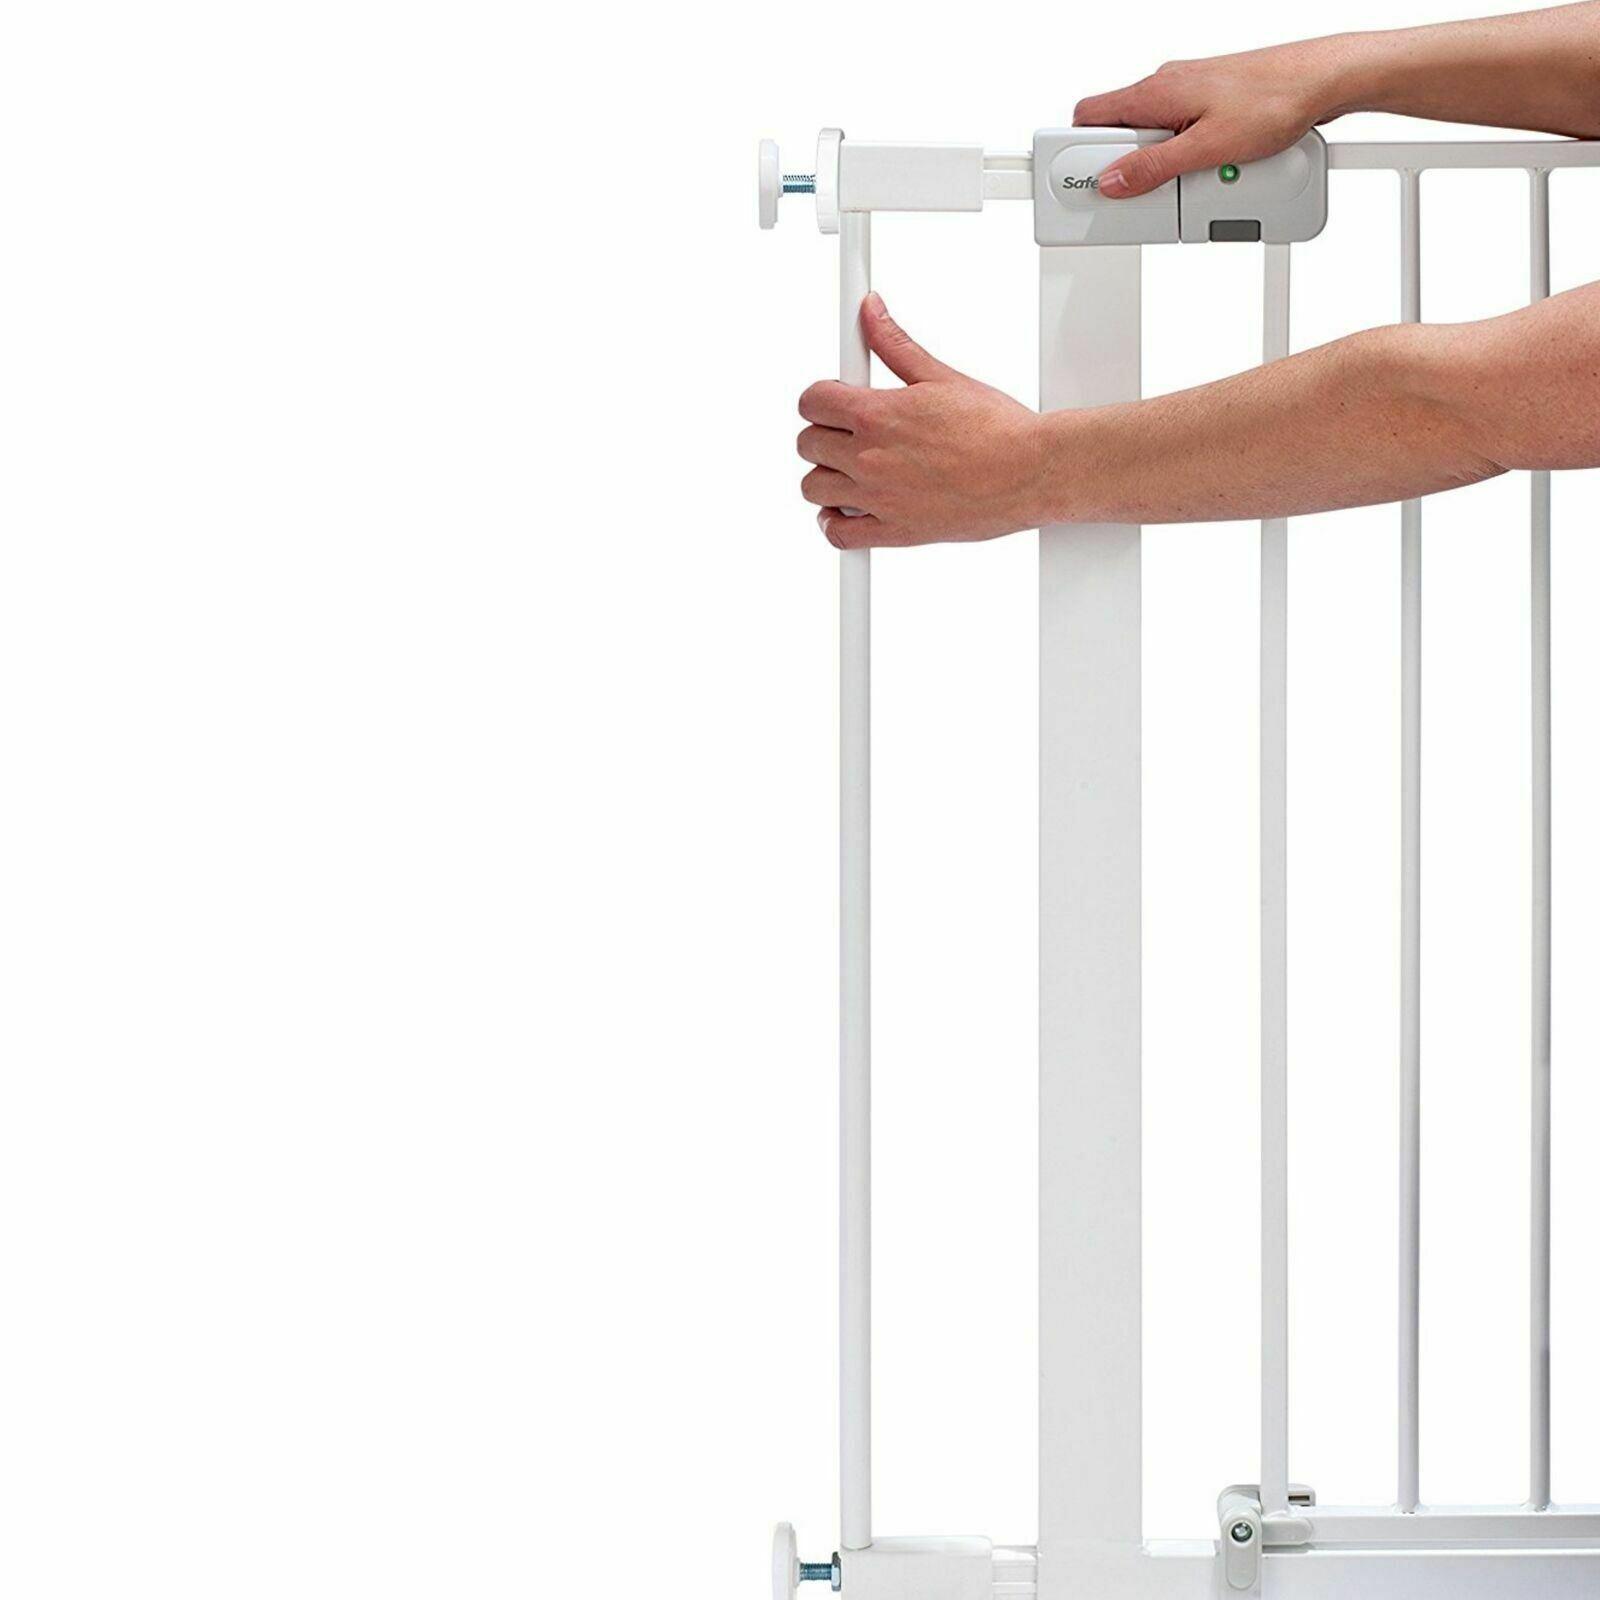 Prolunga 28 cm per Cancelle Safety 1st Estensione Cancelletto Sicurezza Bambini